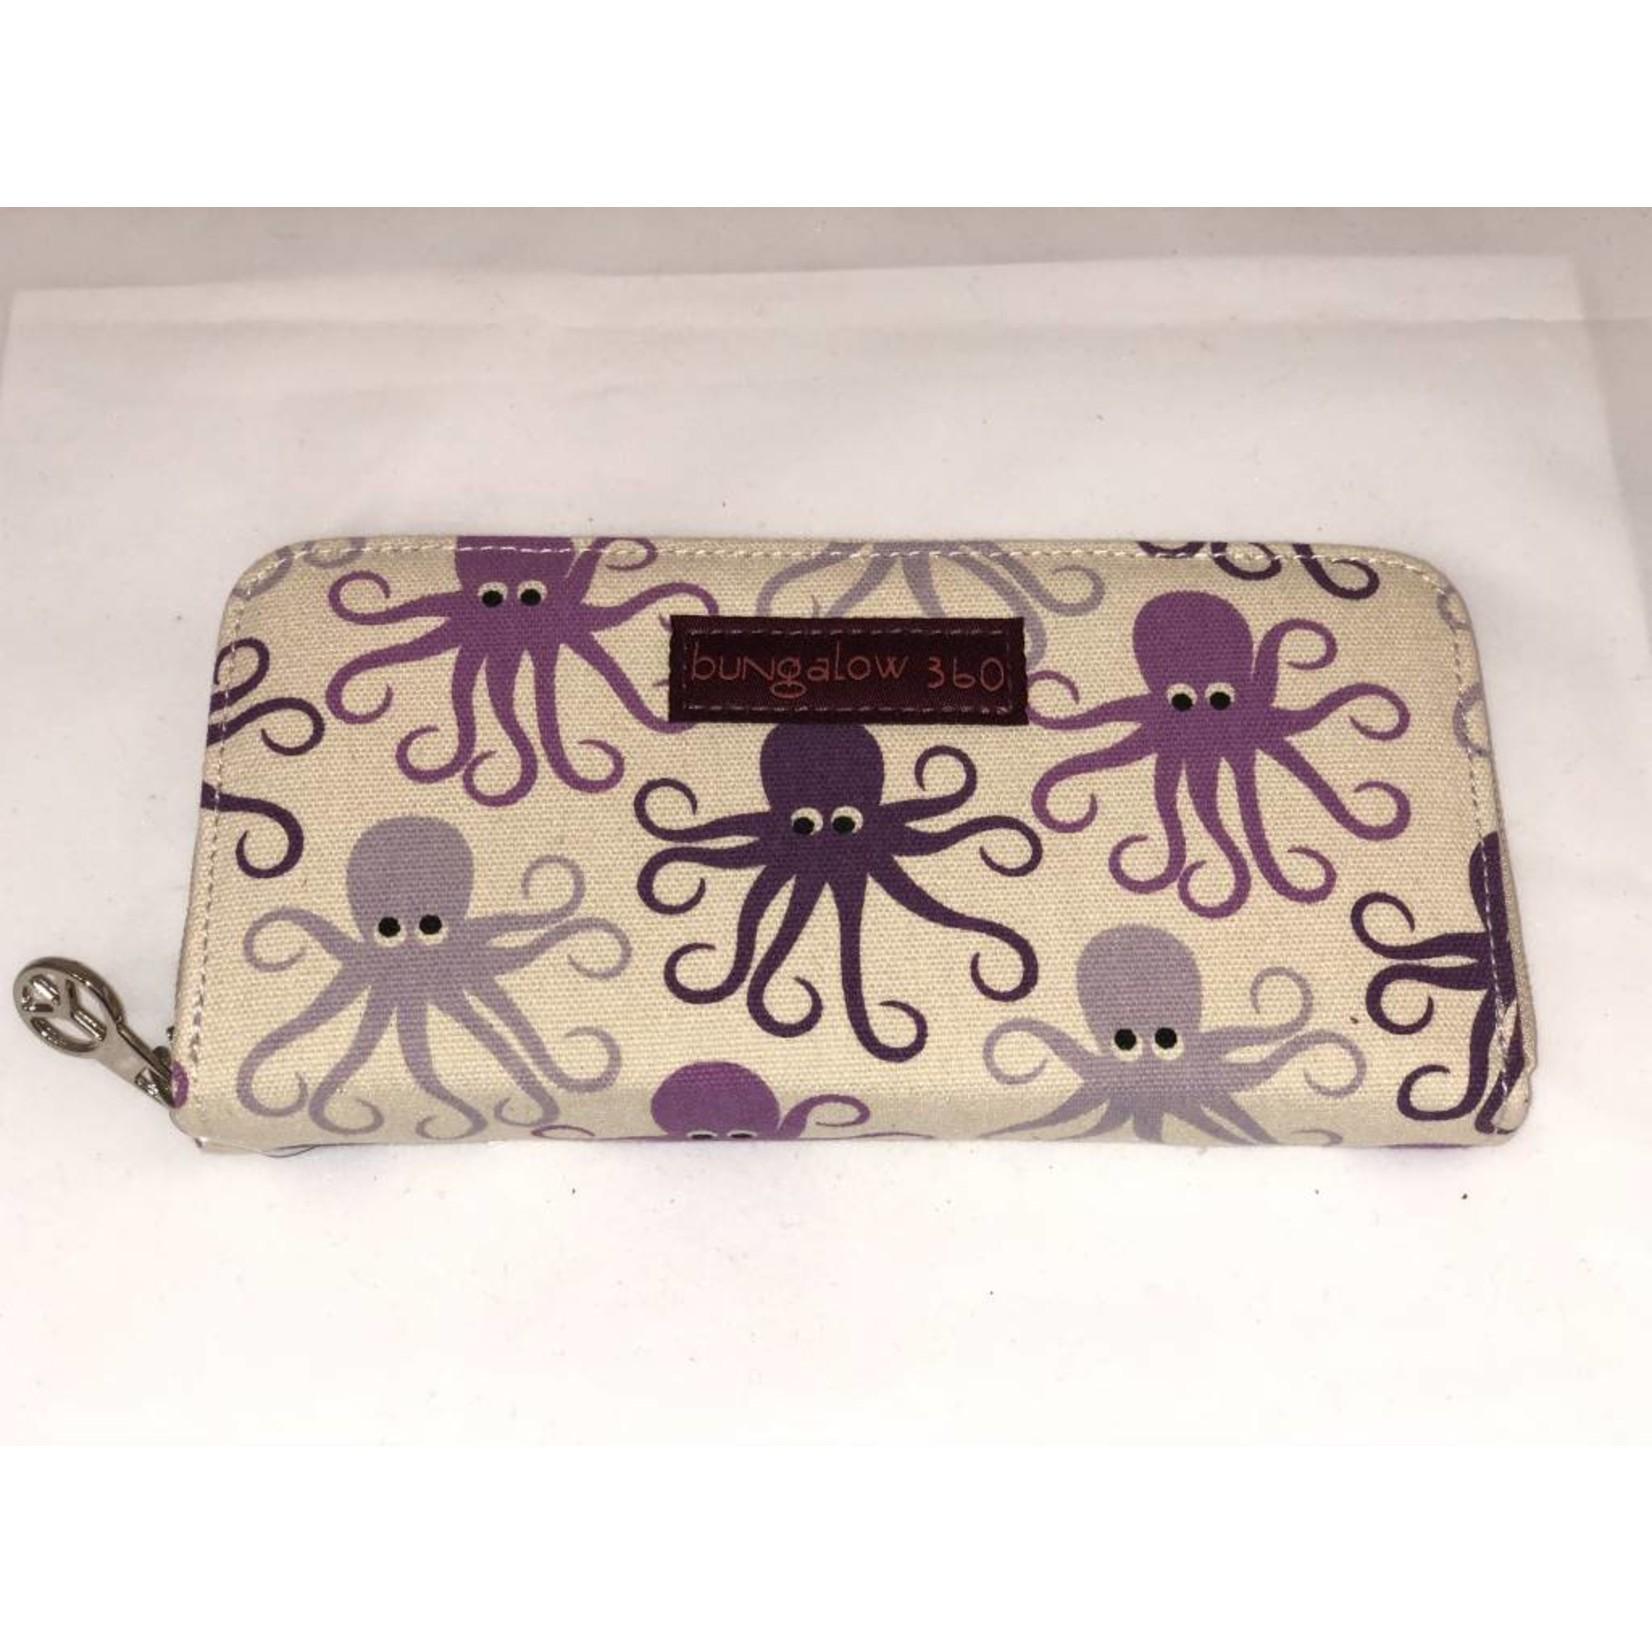 Bungalow 360 Zip Around Wallet - Octopus